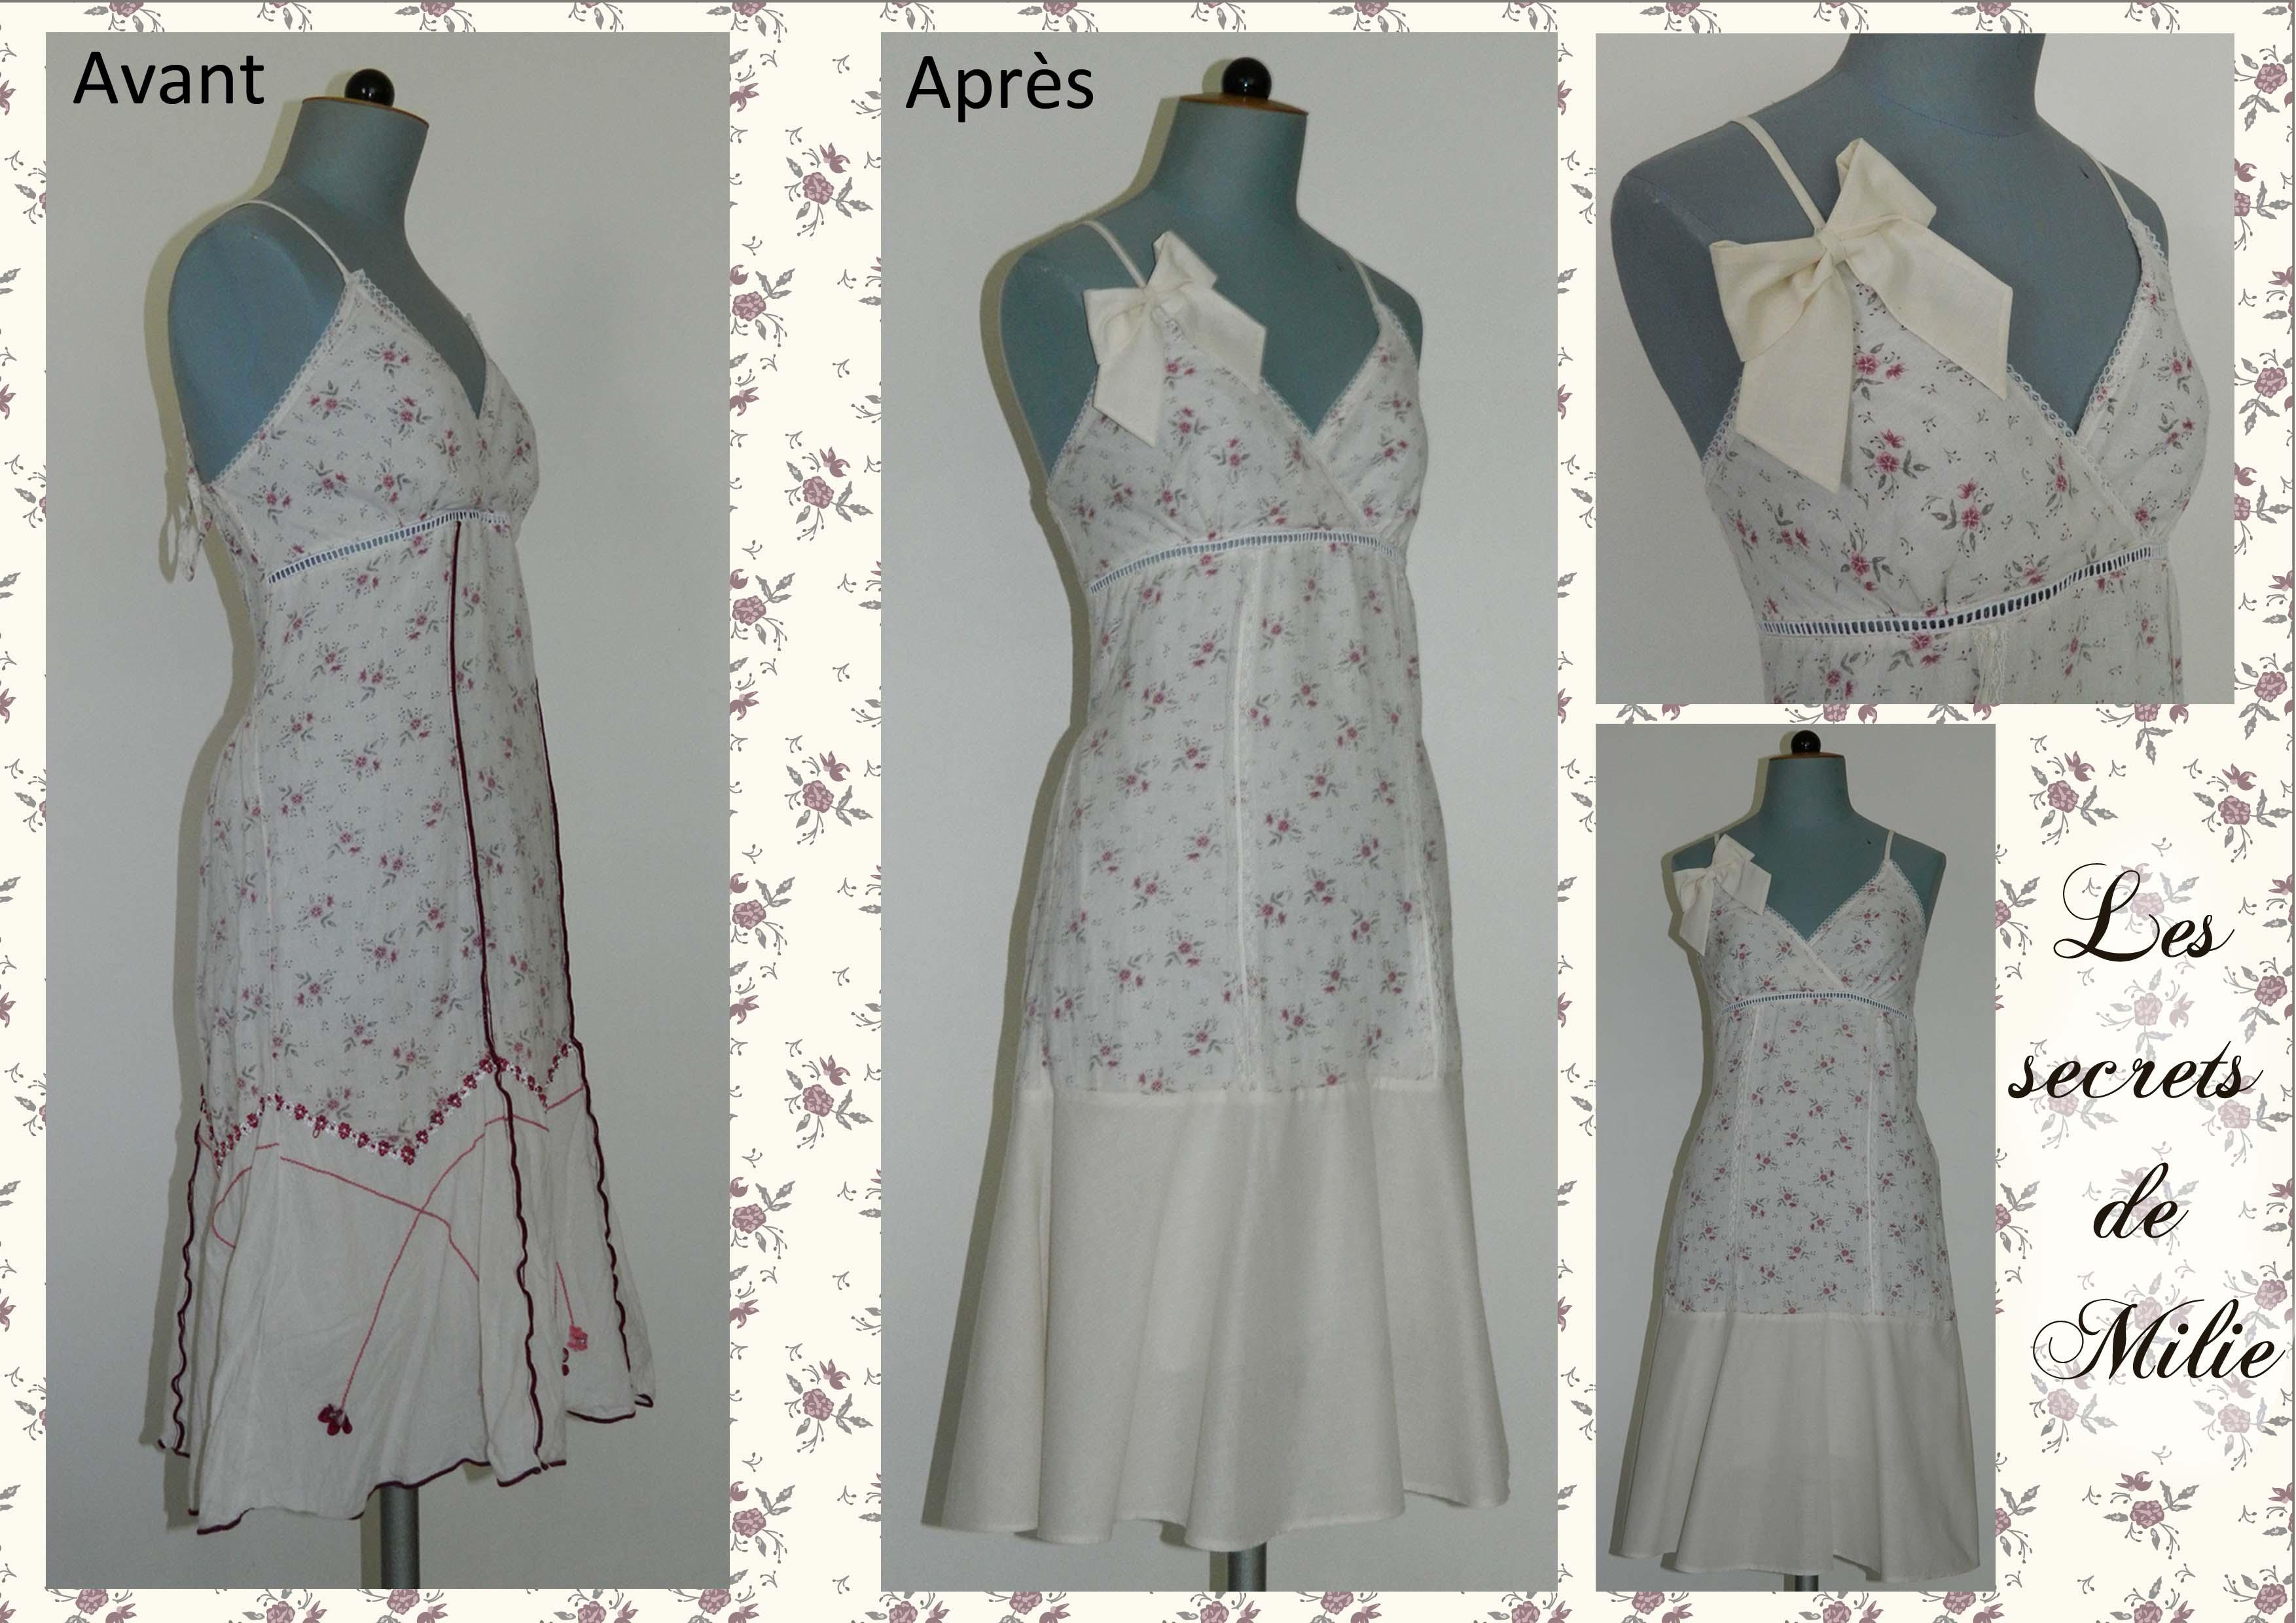 robe petites fleurs Les secrets de Milie